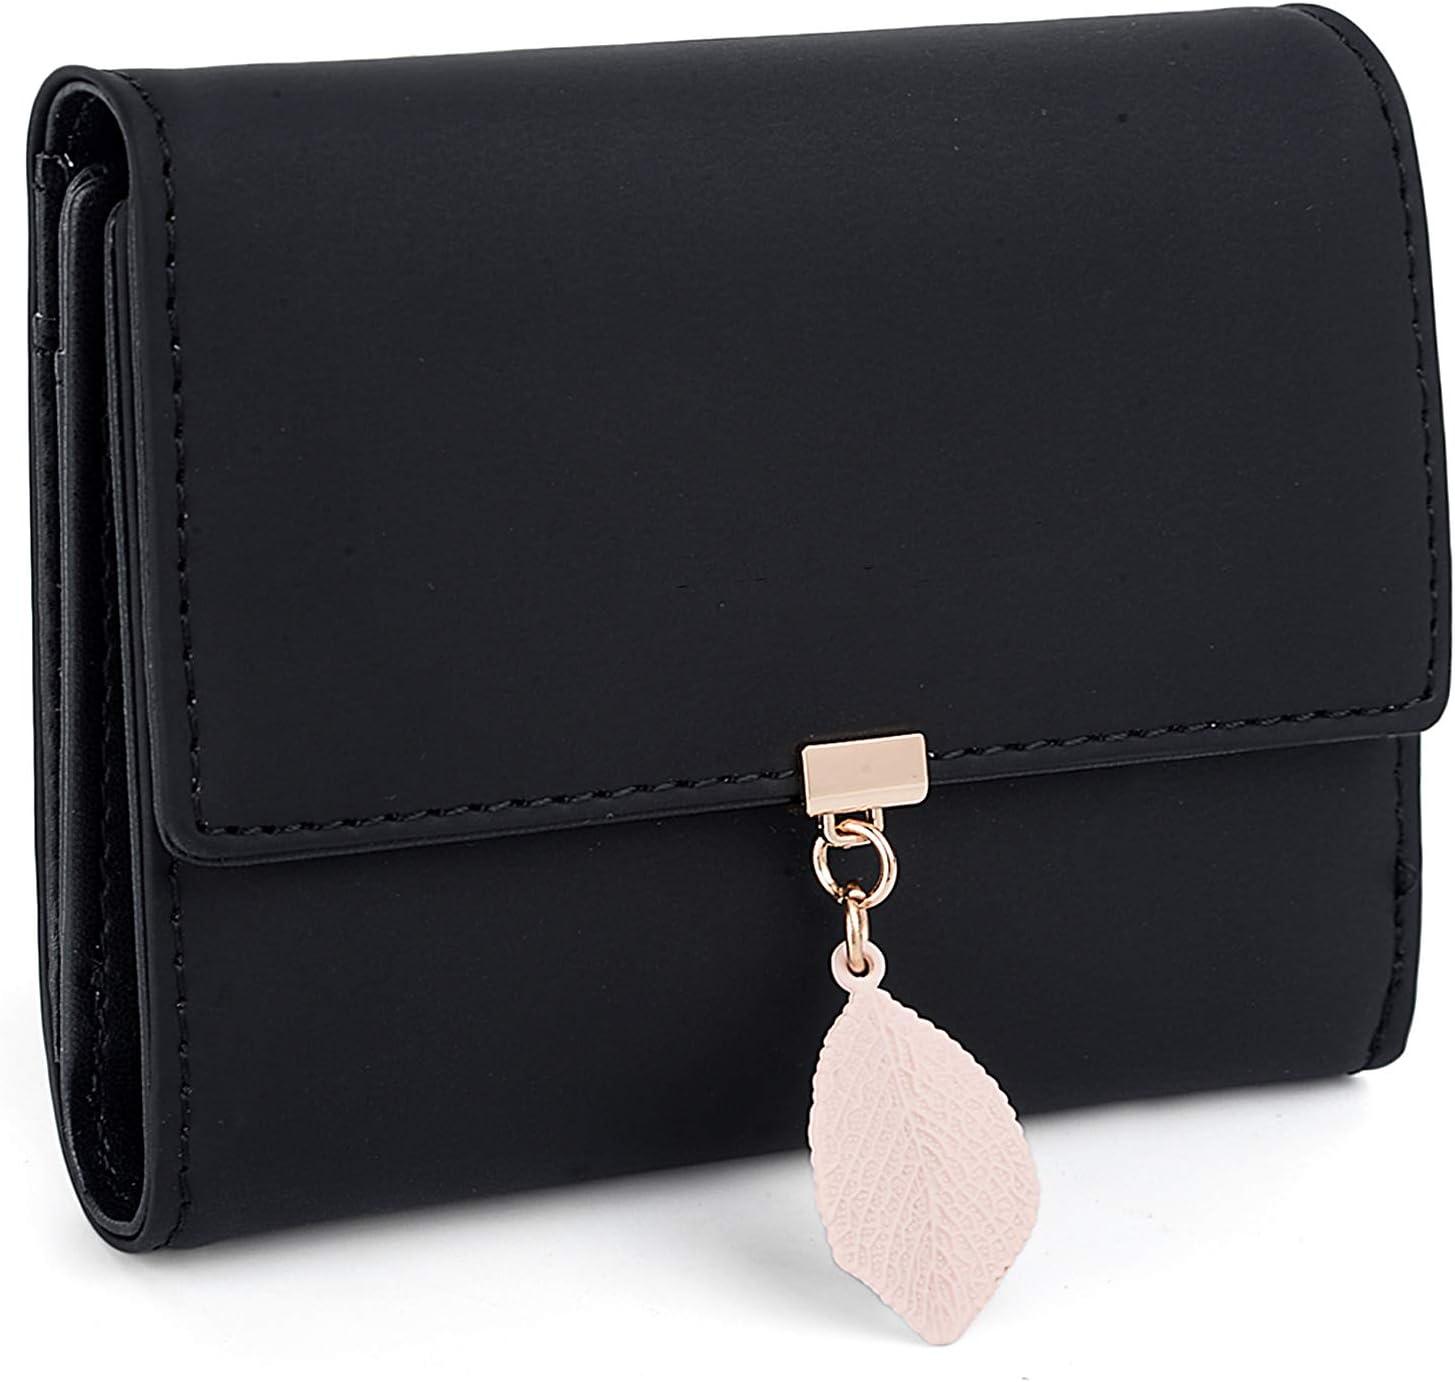 5 scomparti Portafogli da donna con ciondolo a forma di foglia small UTO 1 finestra per foto con cerniera e tasca per monete Beige aggiornato